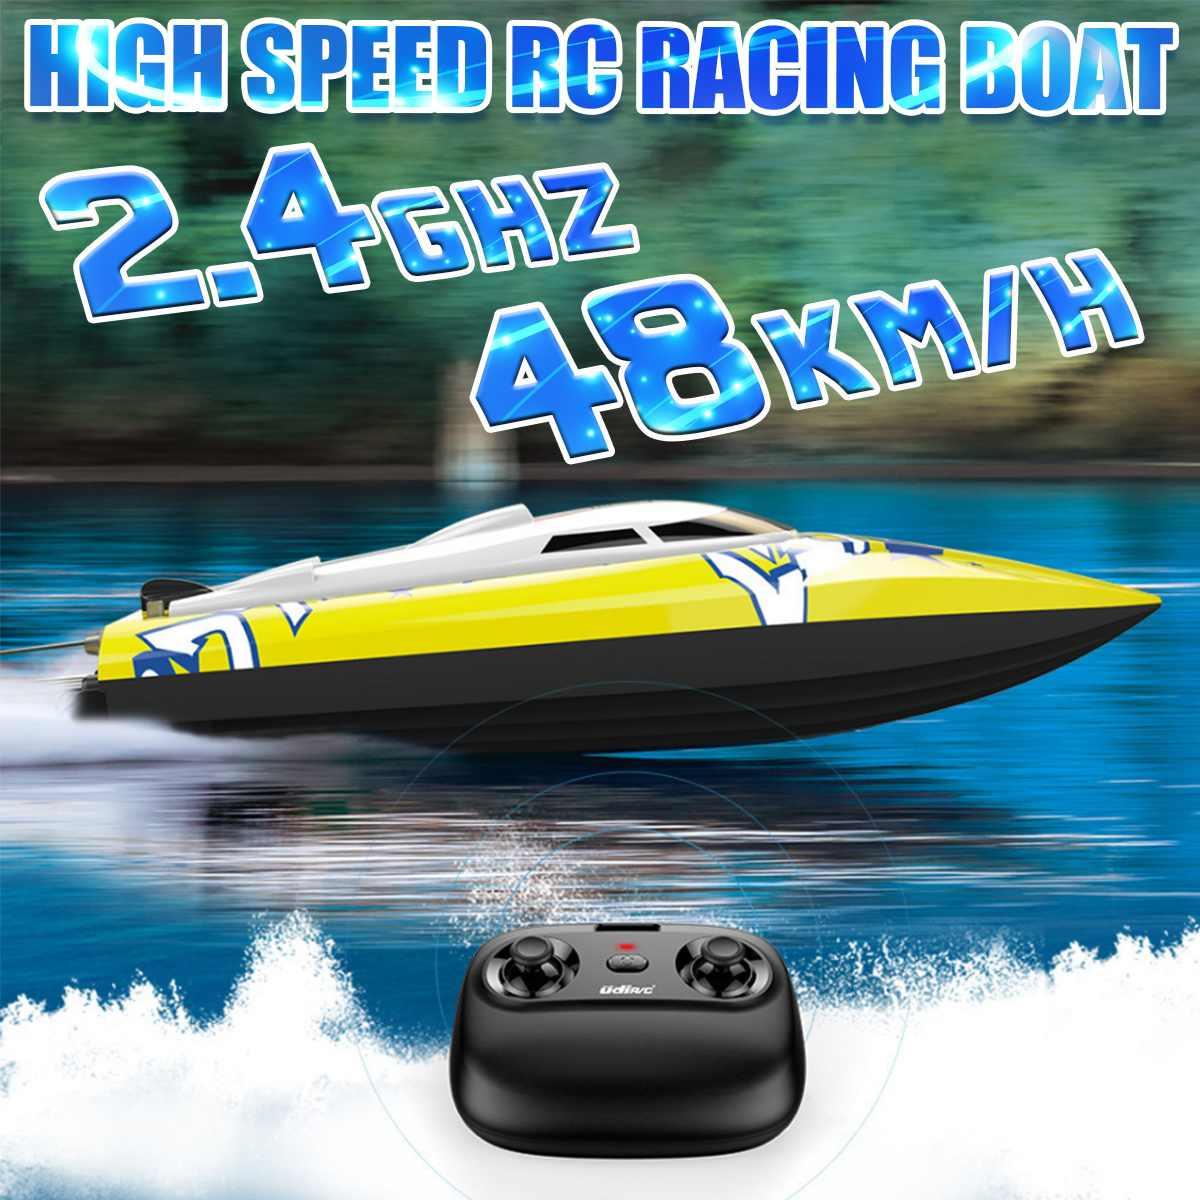 قارب سباق بدون فرش يتم التحكم فيه عن بعد للأطفال ، لعبة قارب إلكترونية عالية السرعة ، 48 كم/ساعة ، 2.4 جرام